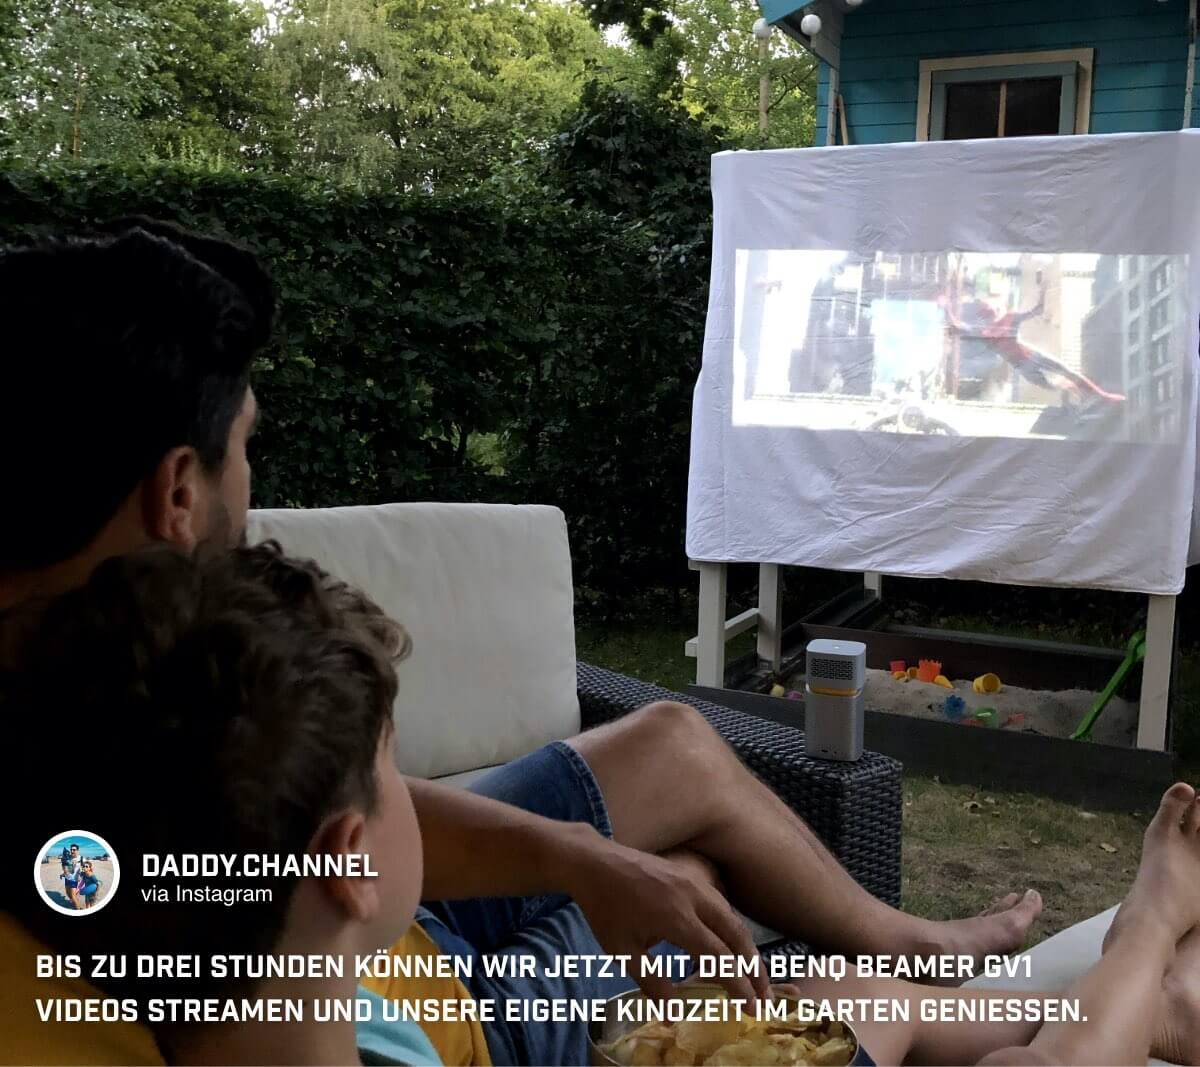 Der BenQ GV1 Mini Beamer bietet @daddychannel Filme auf der Leinwand mit der Familie im eigenen Garten